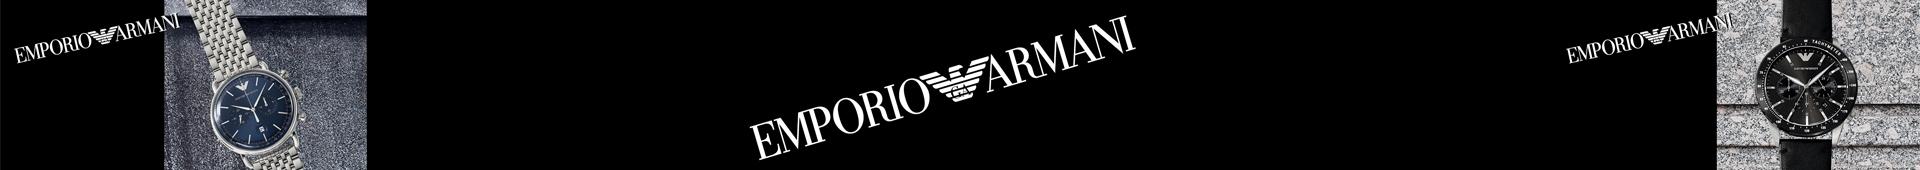 Emporio Armani Classic